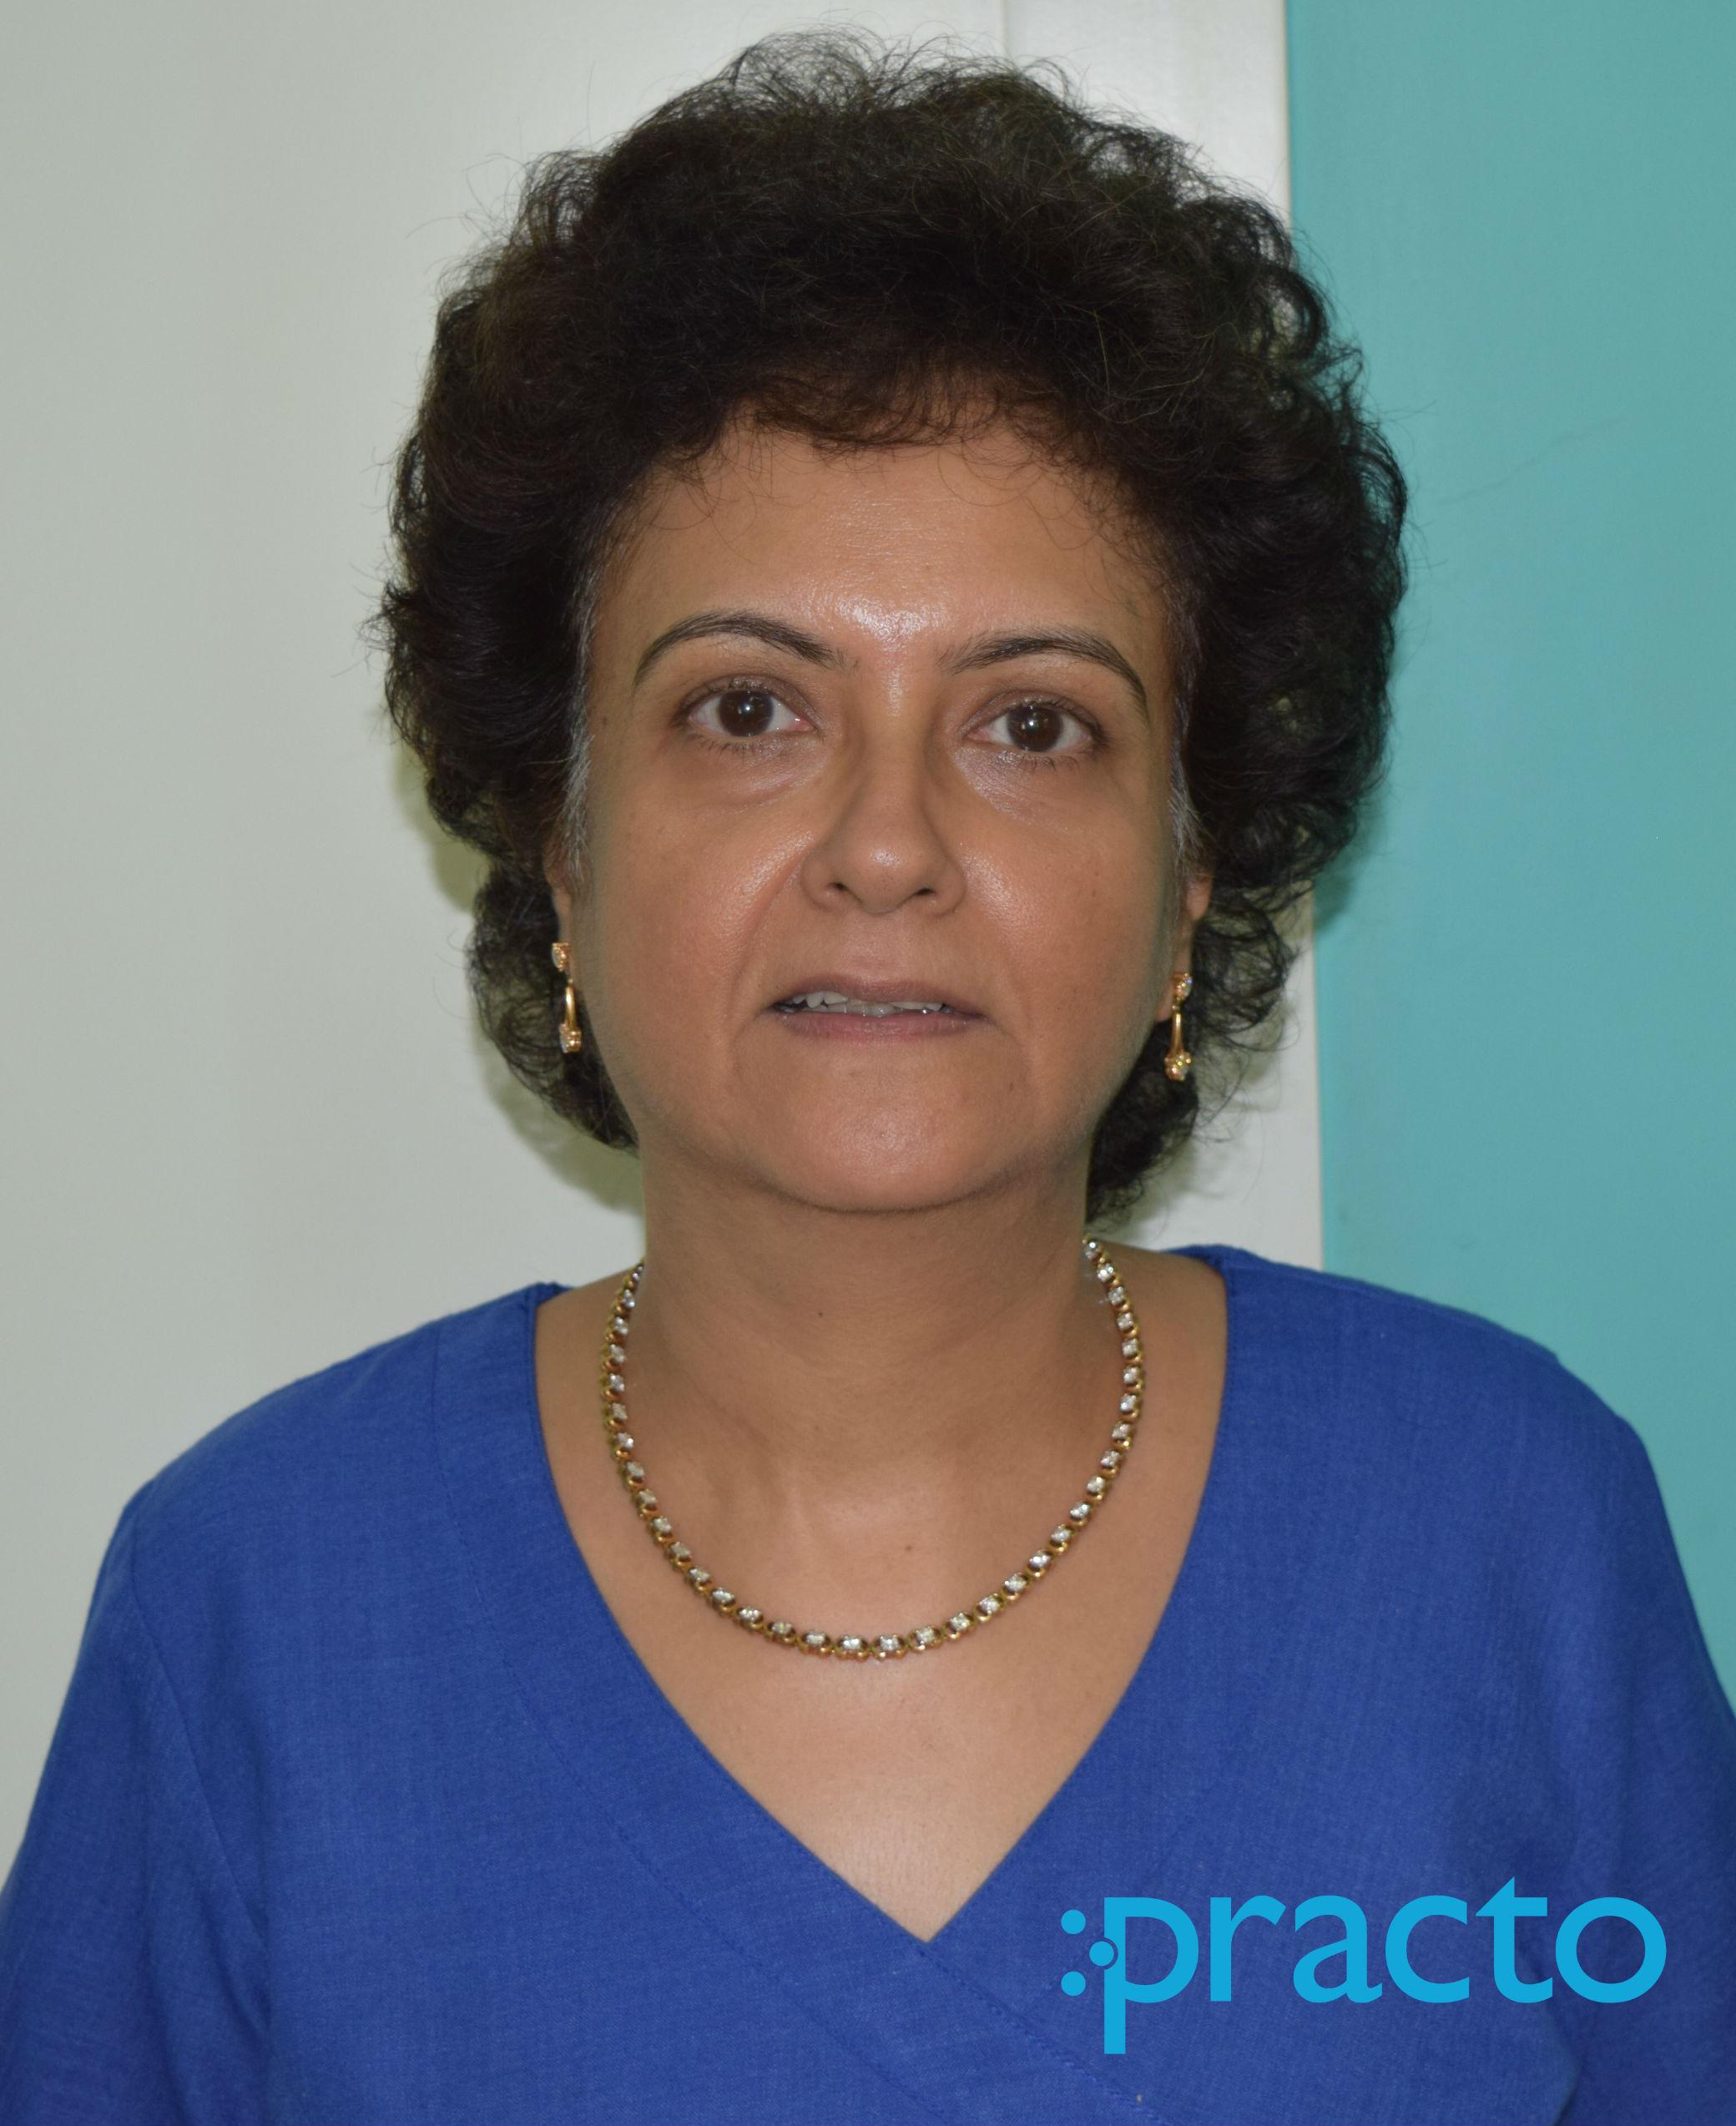 Dr. Sarina Shah - Dentist